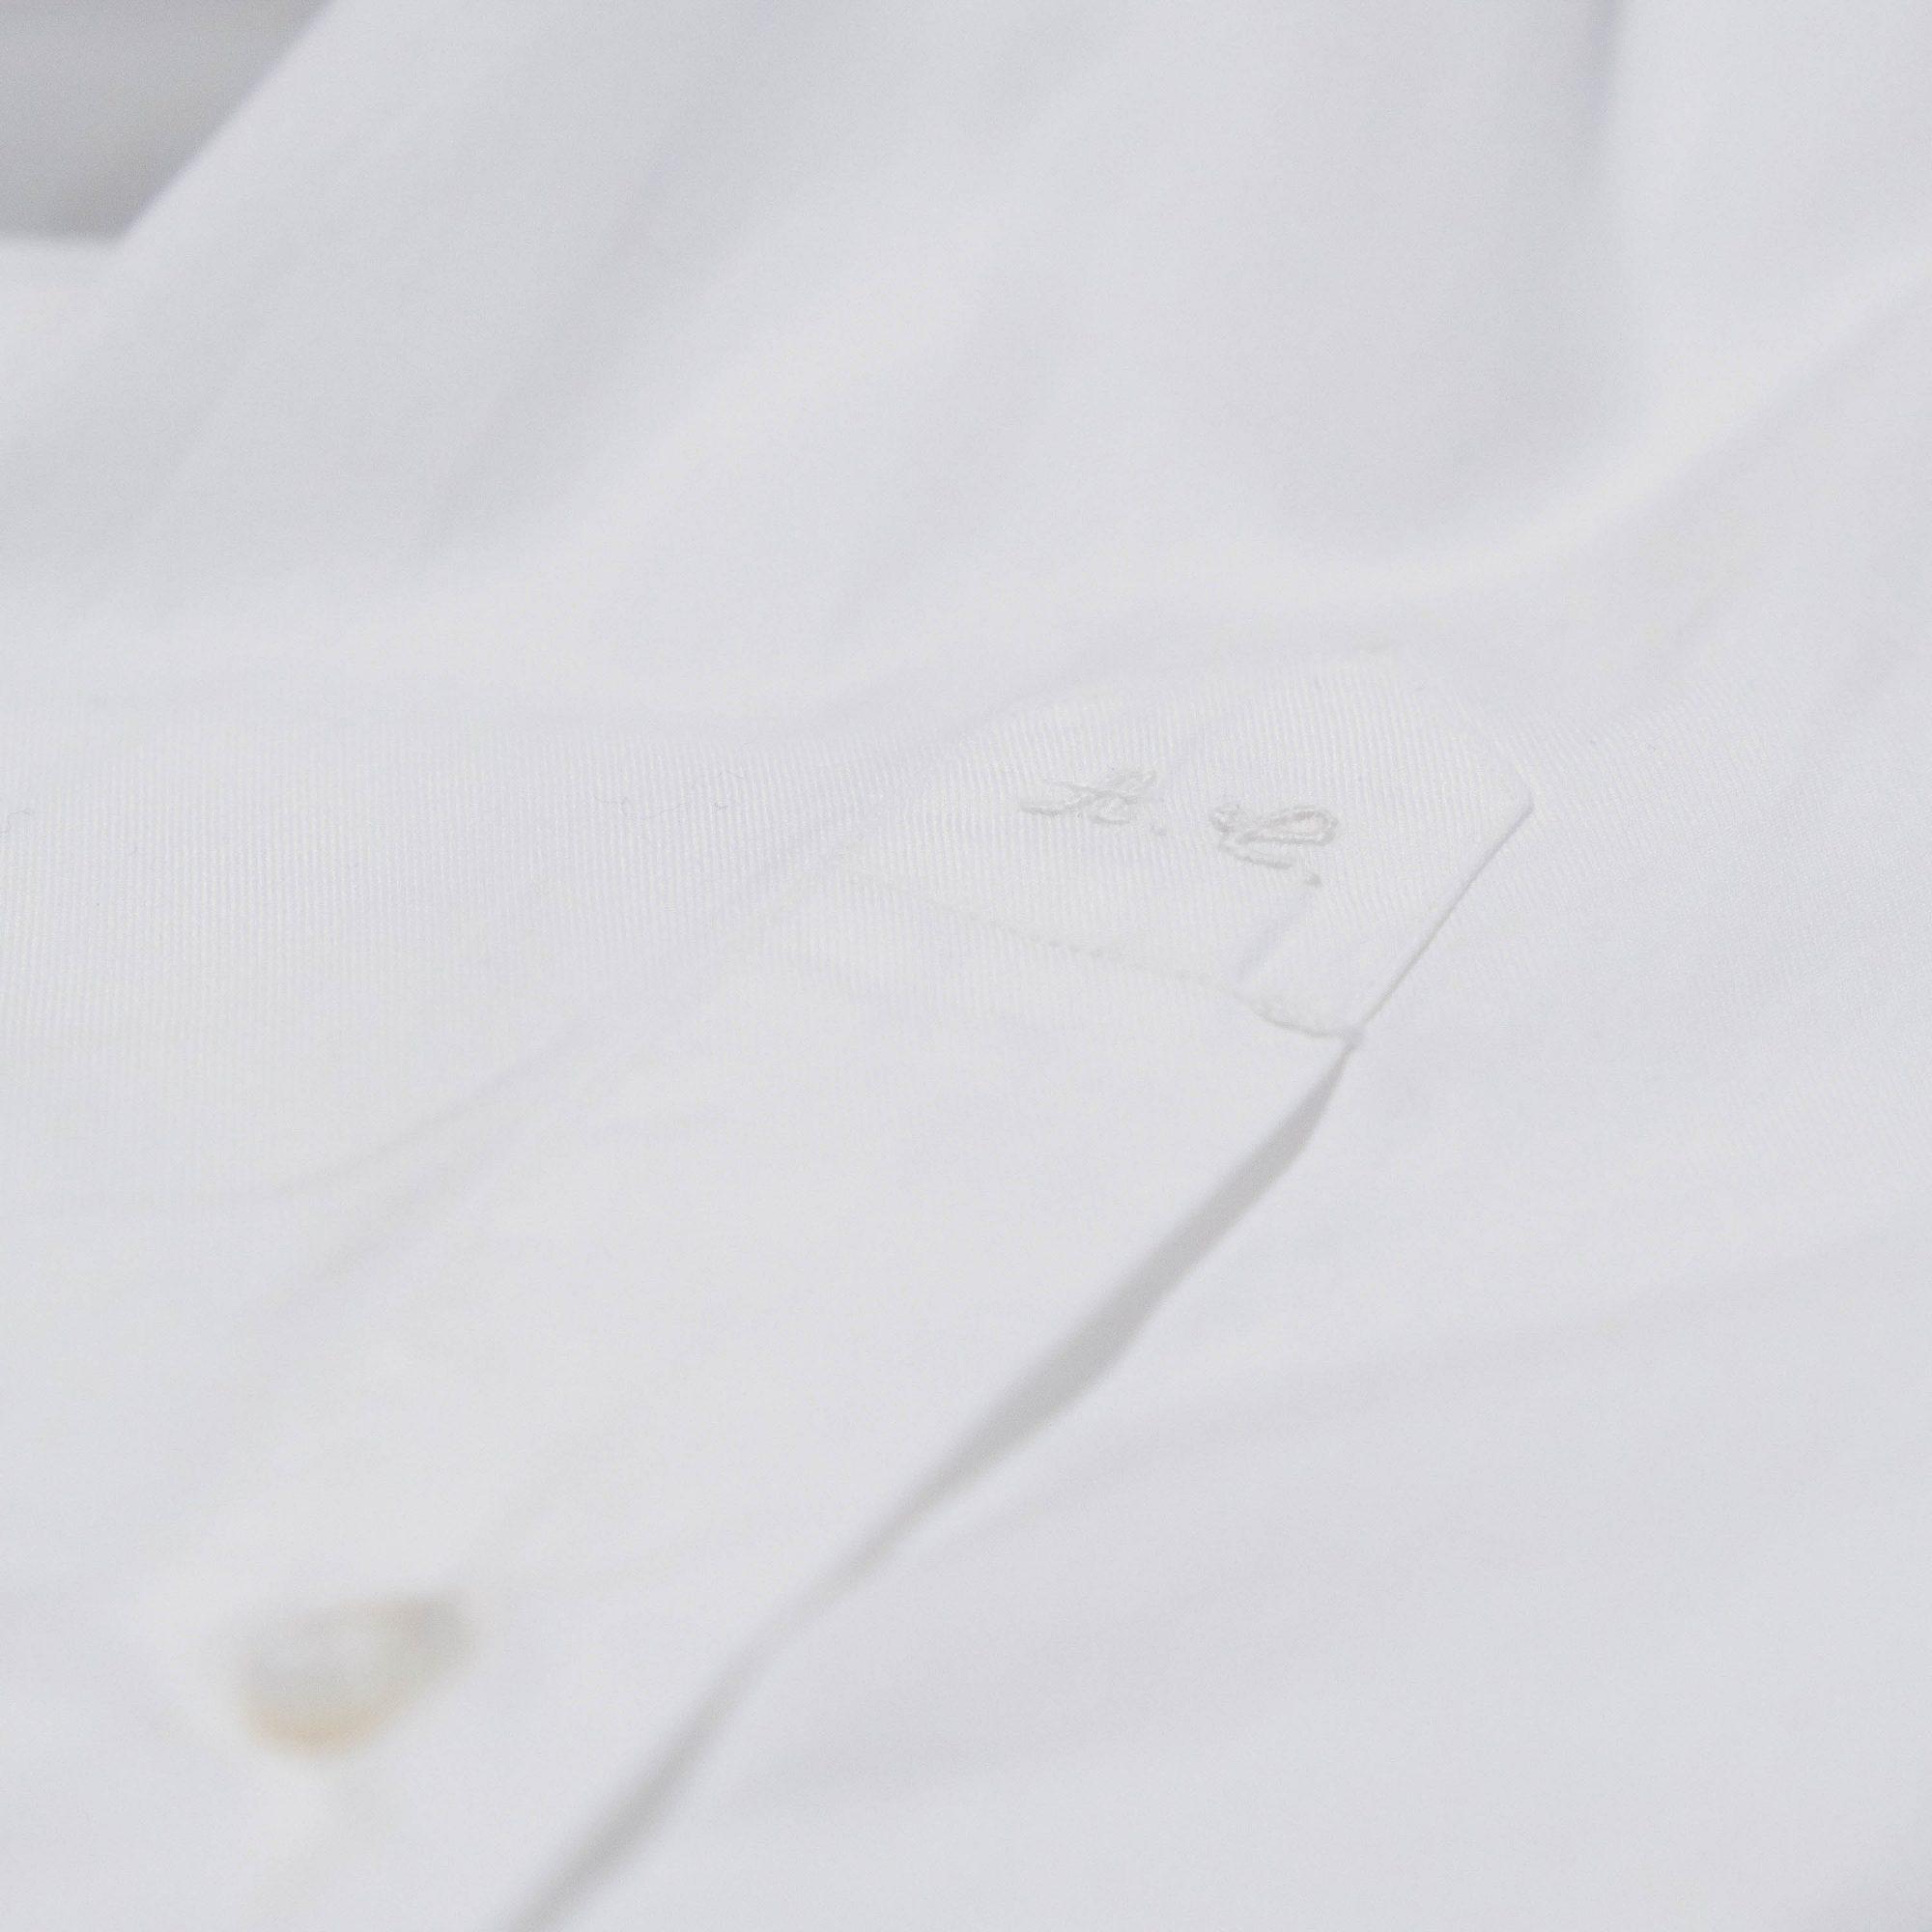 Initiales brodées à la mains sur une chemise sur-mesure Avino Laboratorio Napoletano.